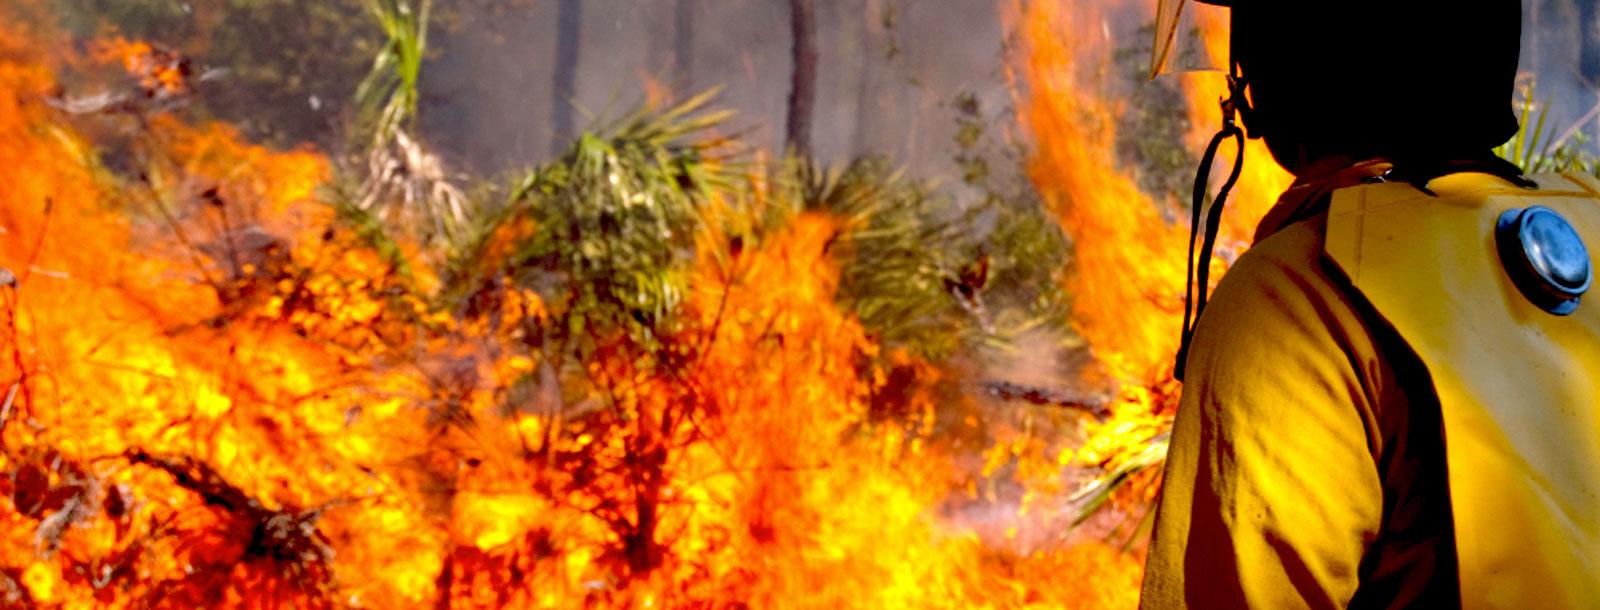 Puro Pellet: Prevención máxima, la clave para evitar los incendios forestales